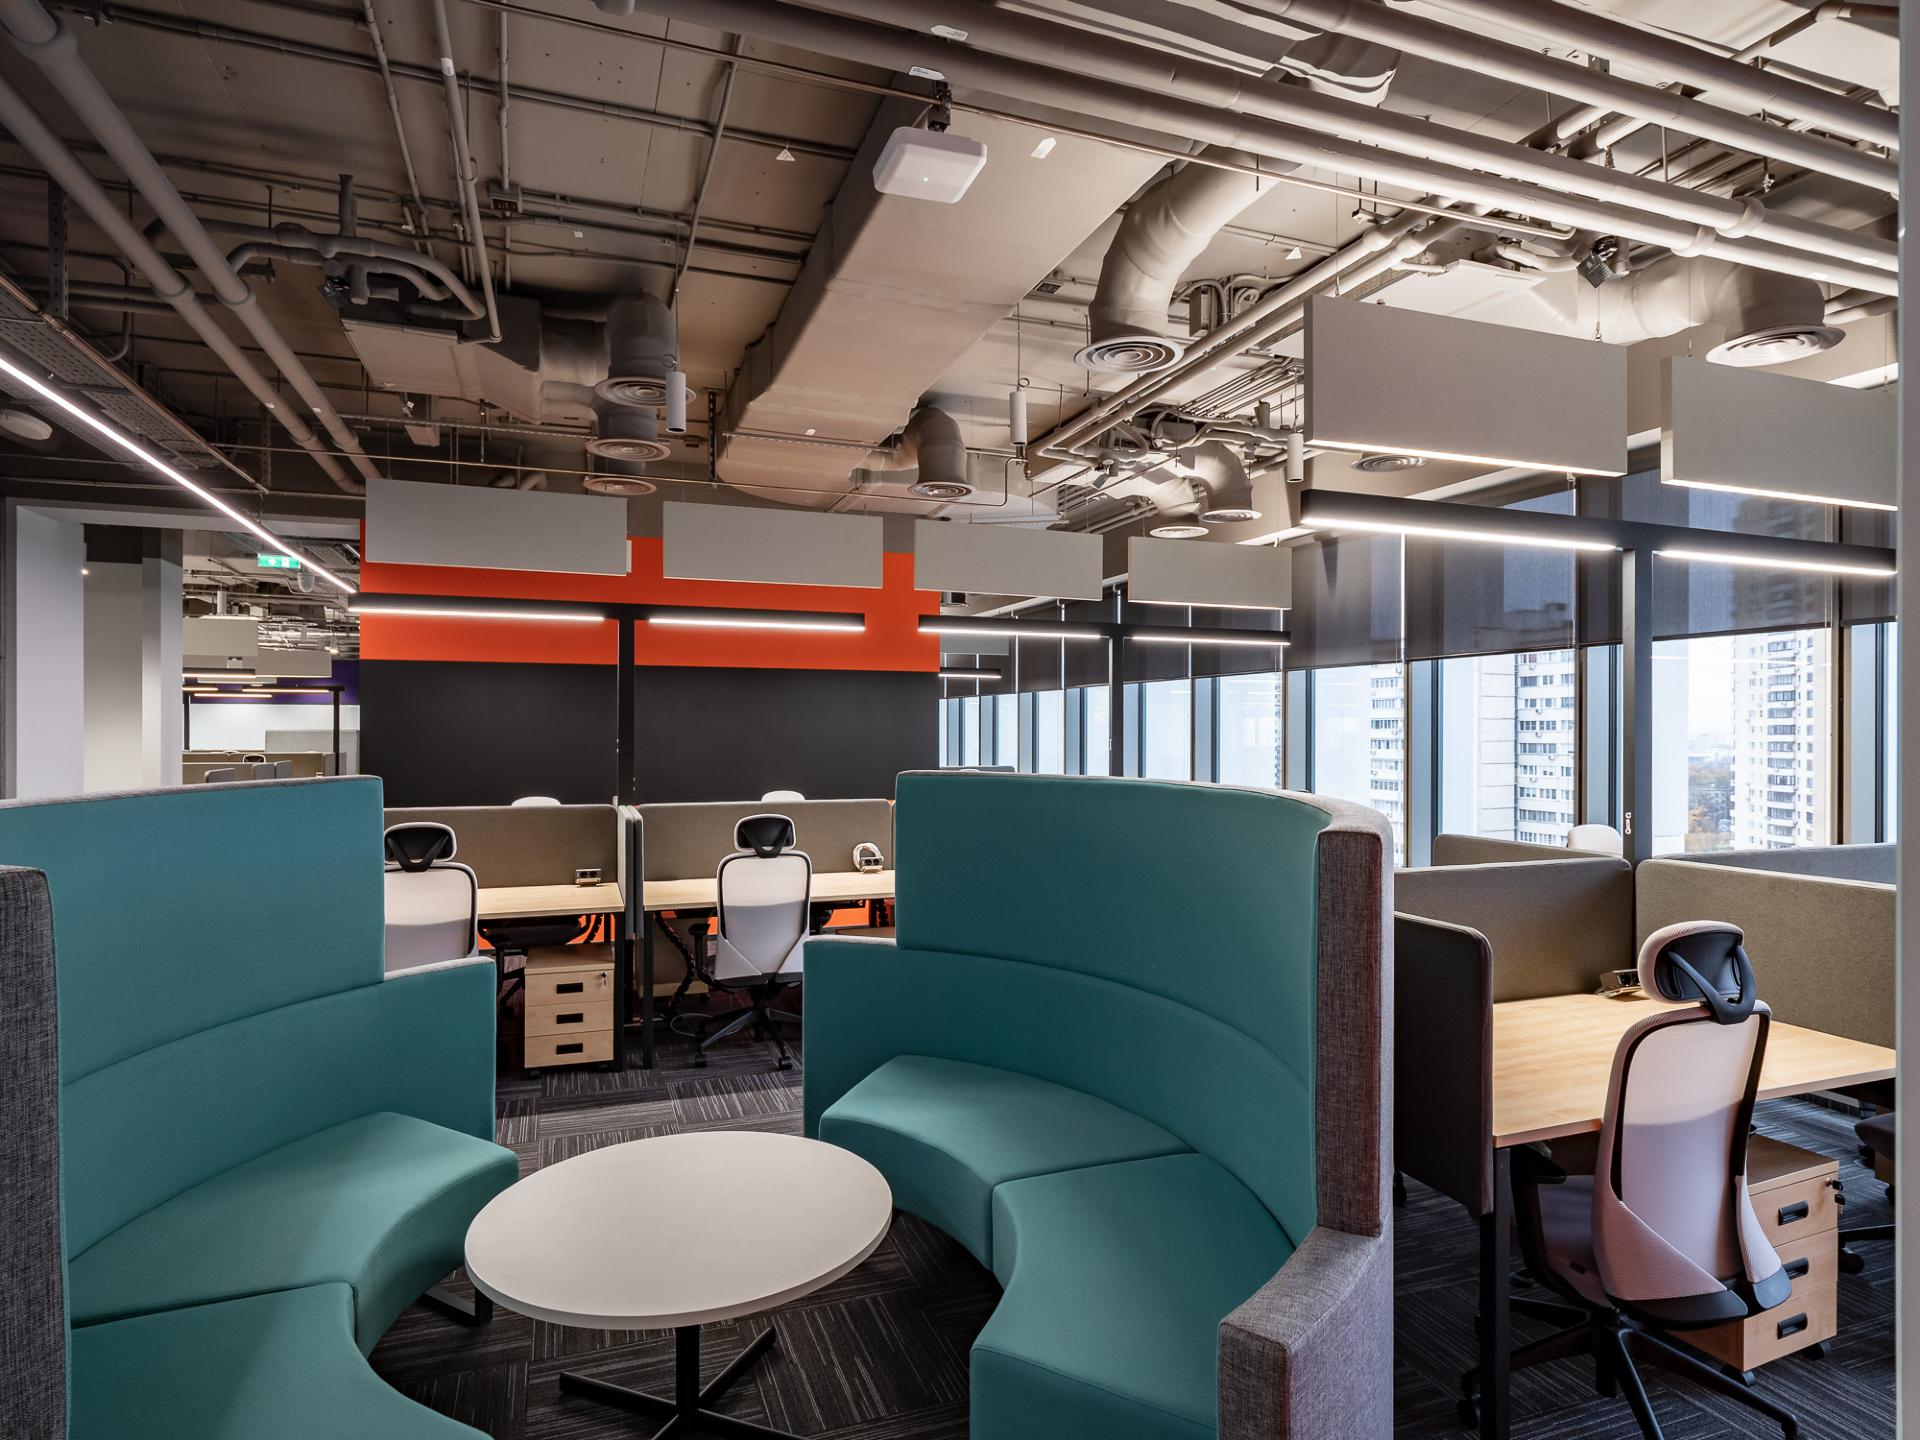 Основным драйвером развития офисных интерьеров в 2020 году выступили банки, проходящие через процесс цифровизации бизнеса